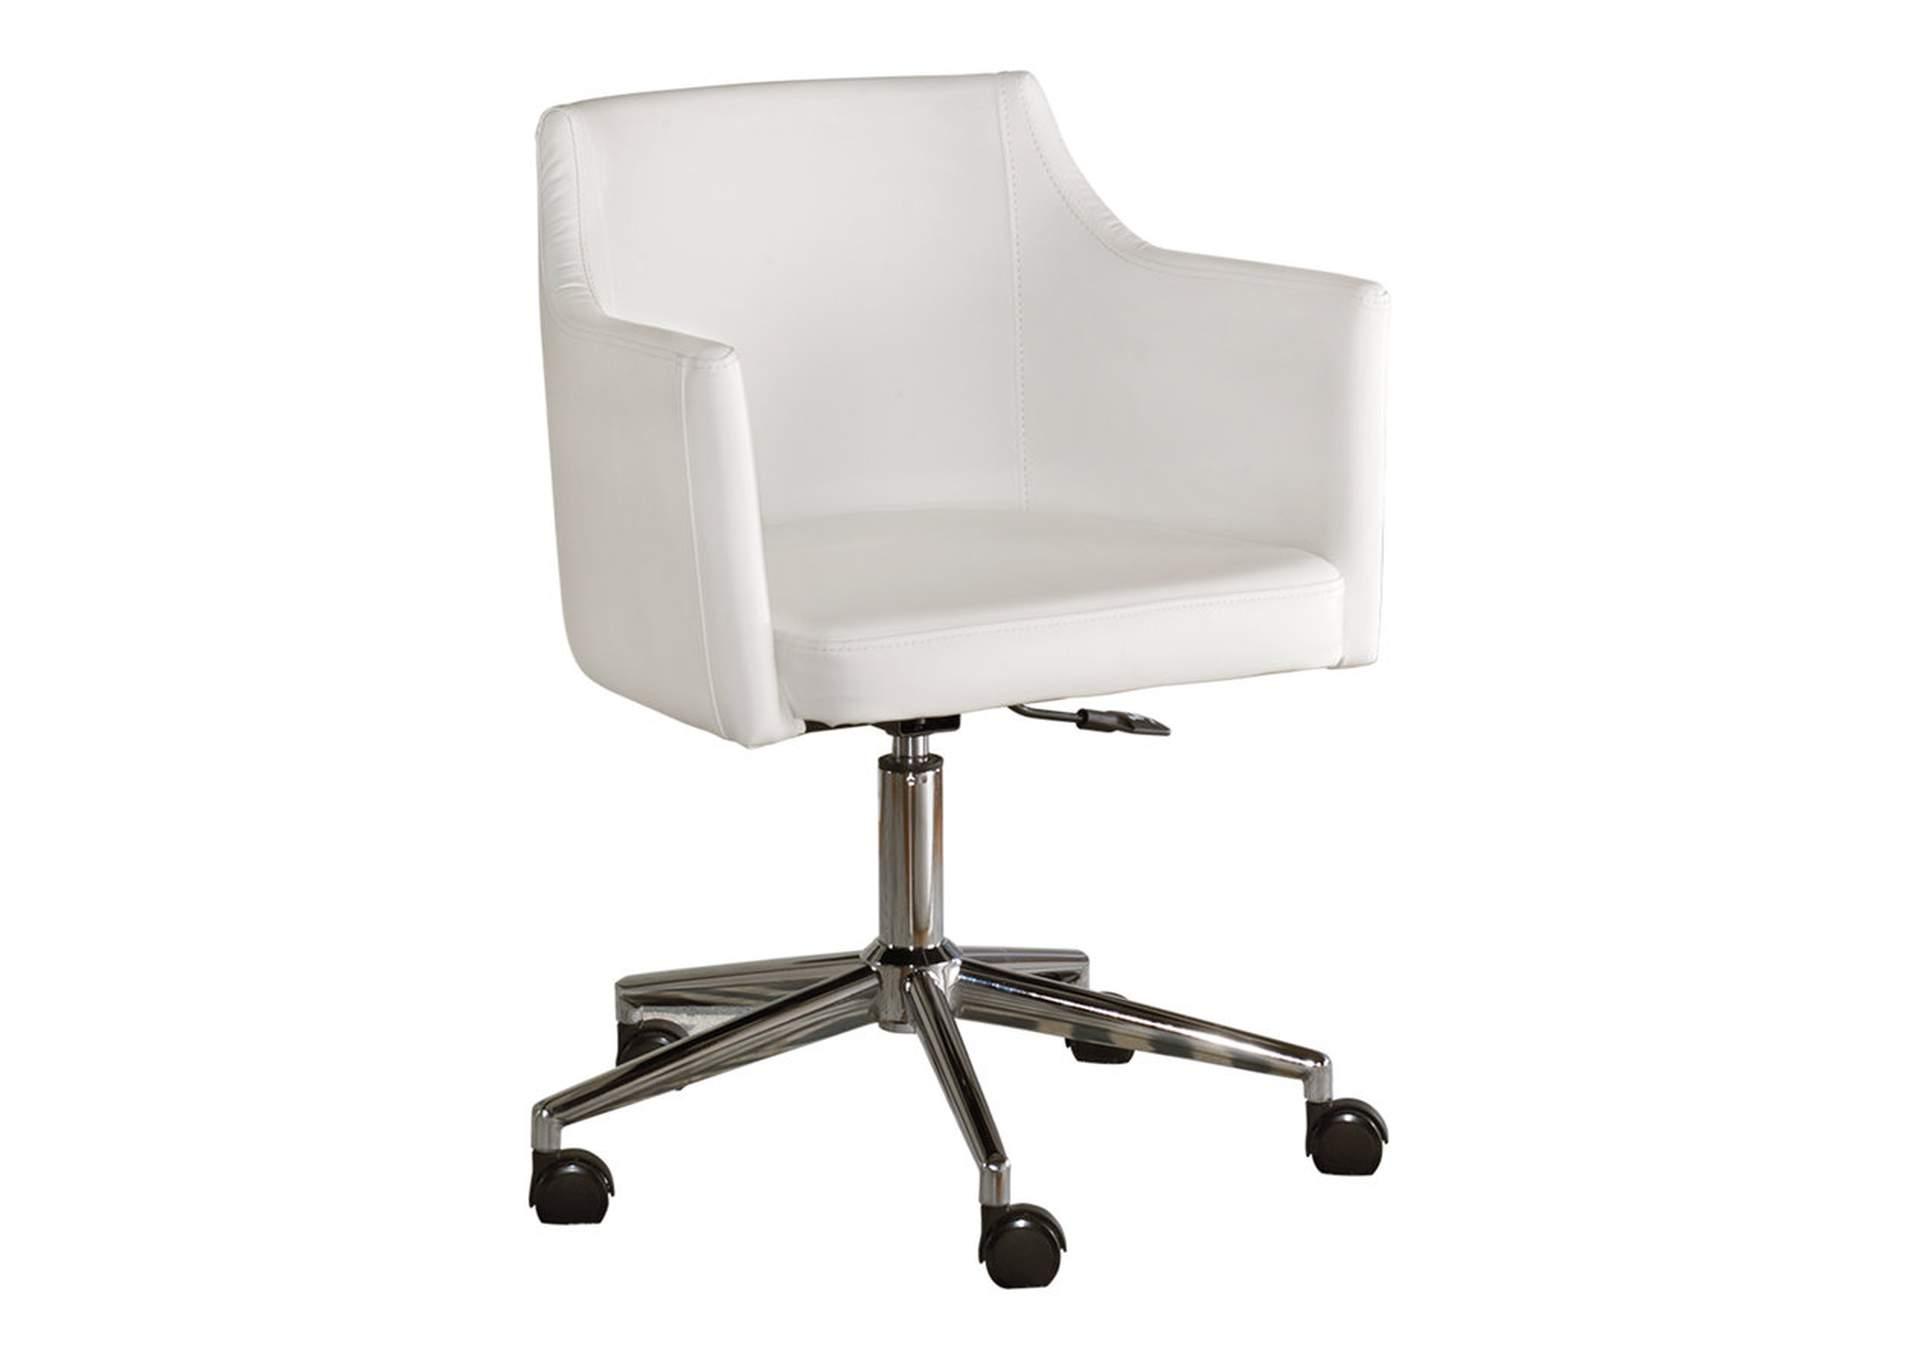 Baraga Офисное кресло для дома